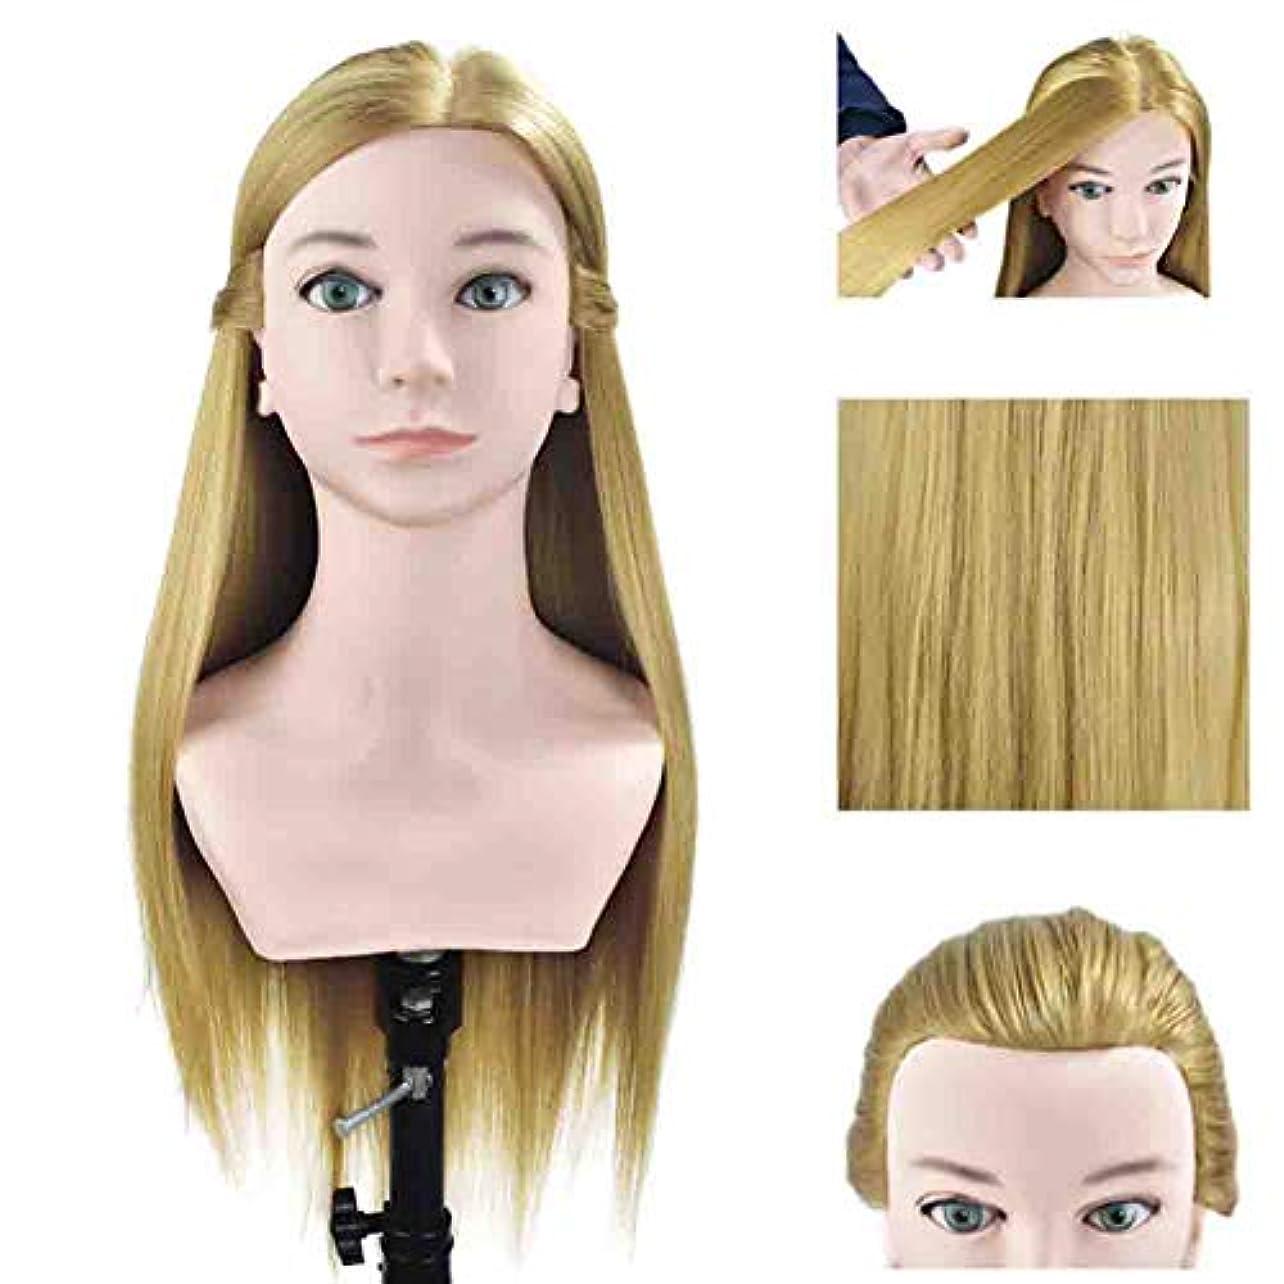 理髪店パーマ髪染め練習かつらヘッドモデルリアルヘアマネキンヘッド化粧散髪練習ダミーヘッド